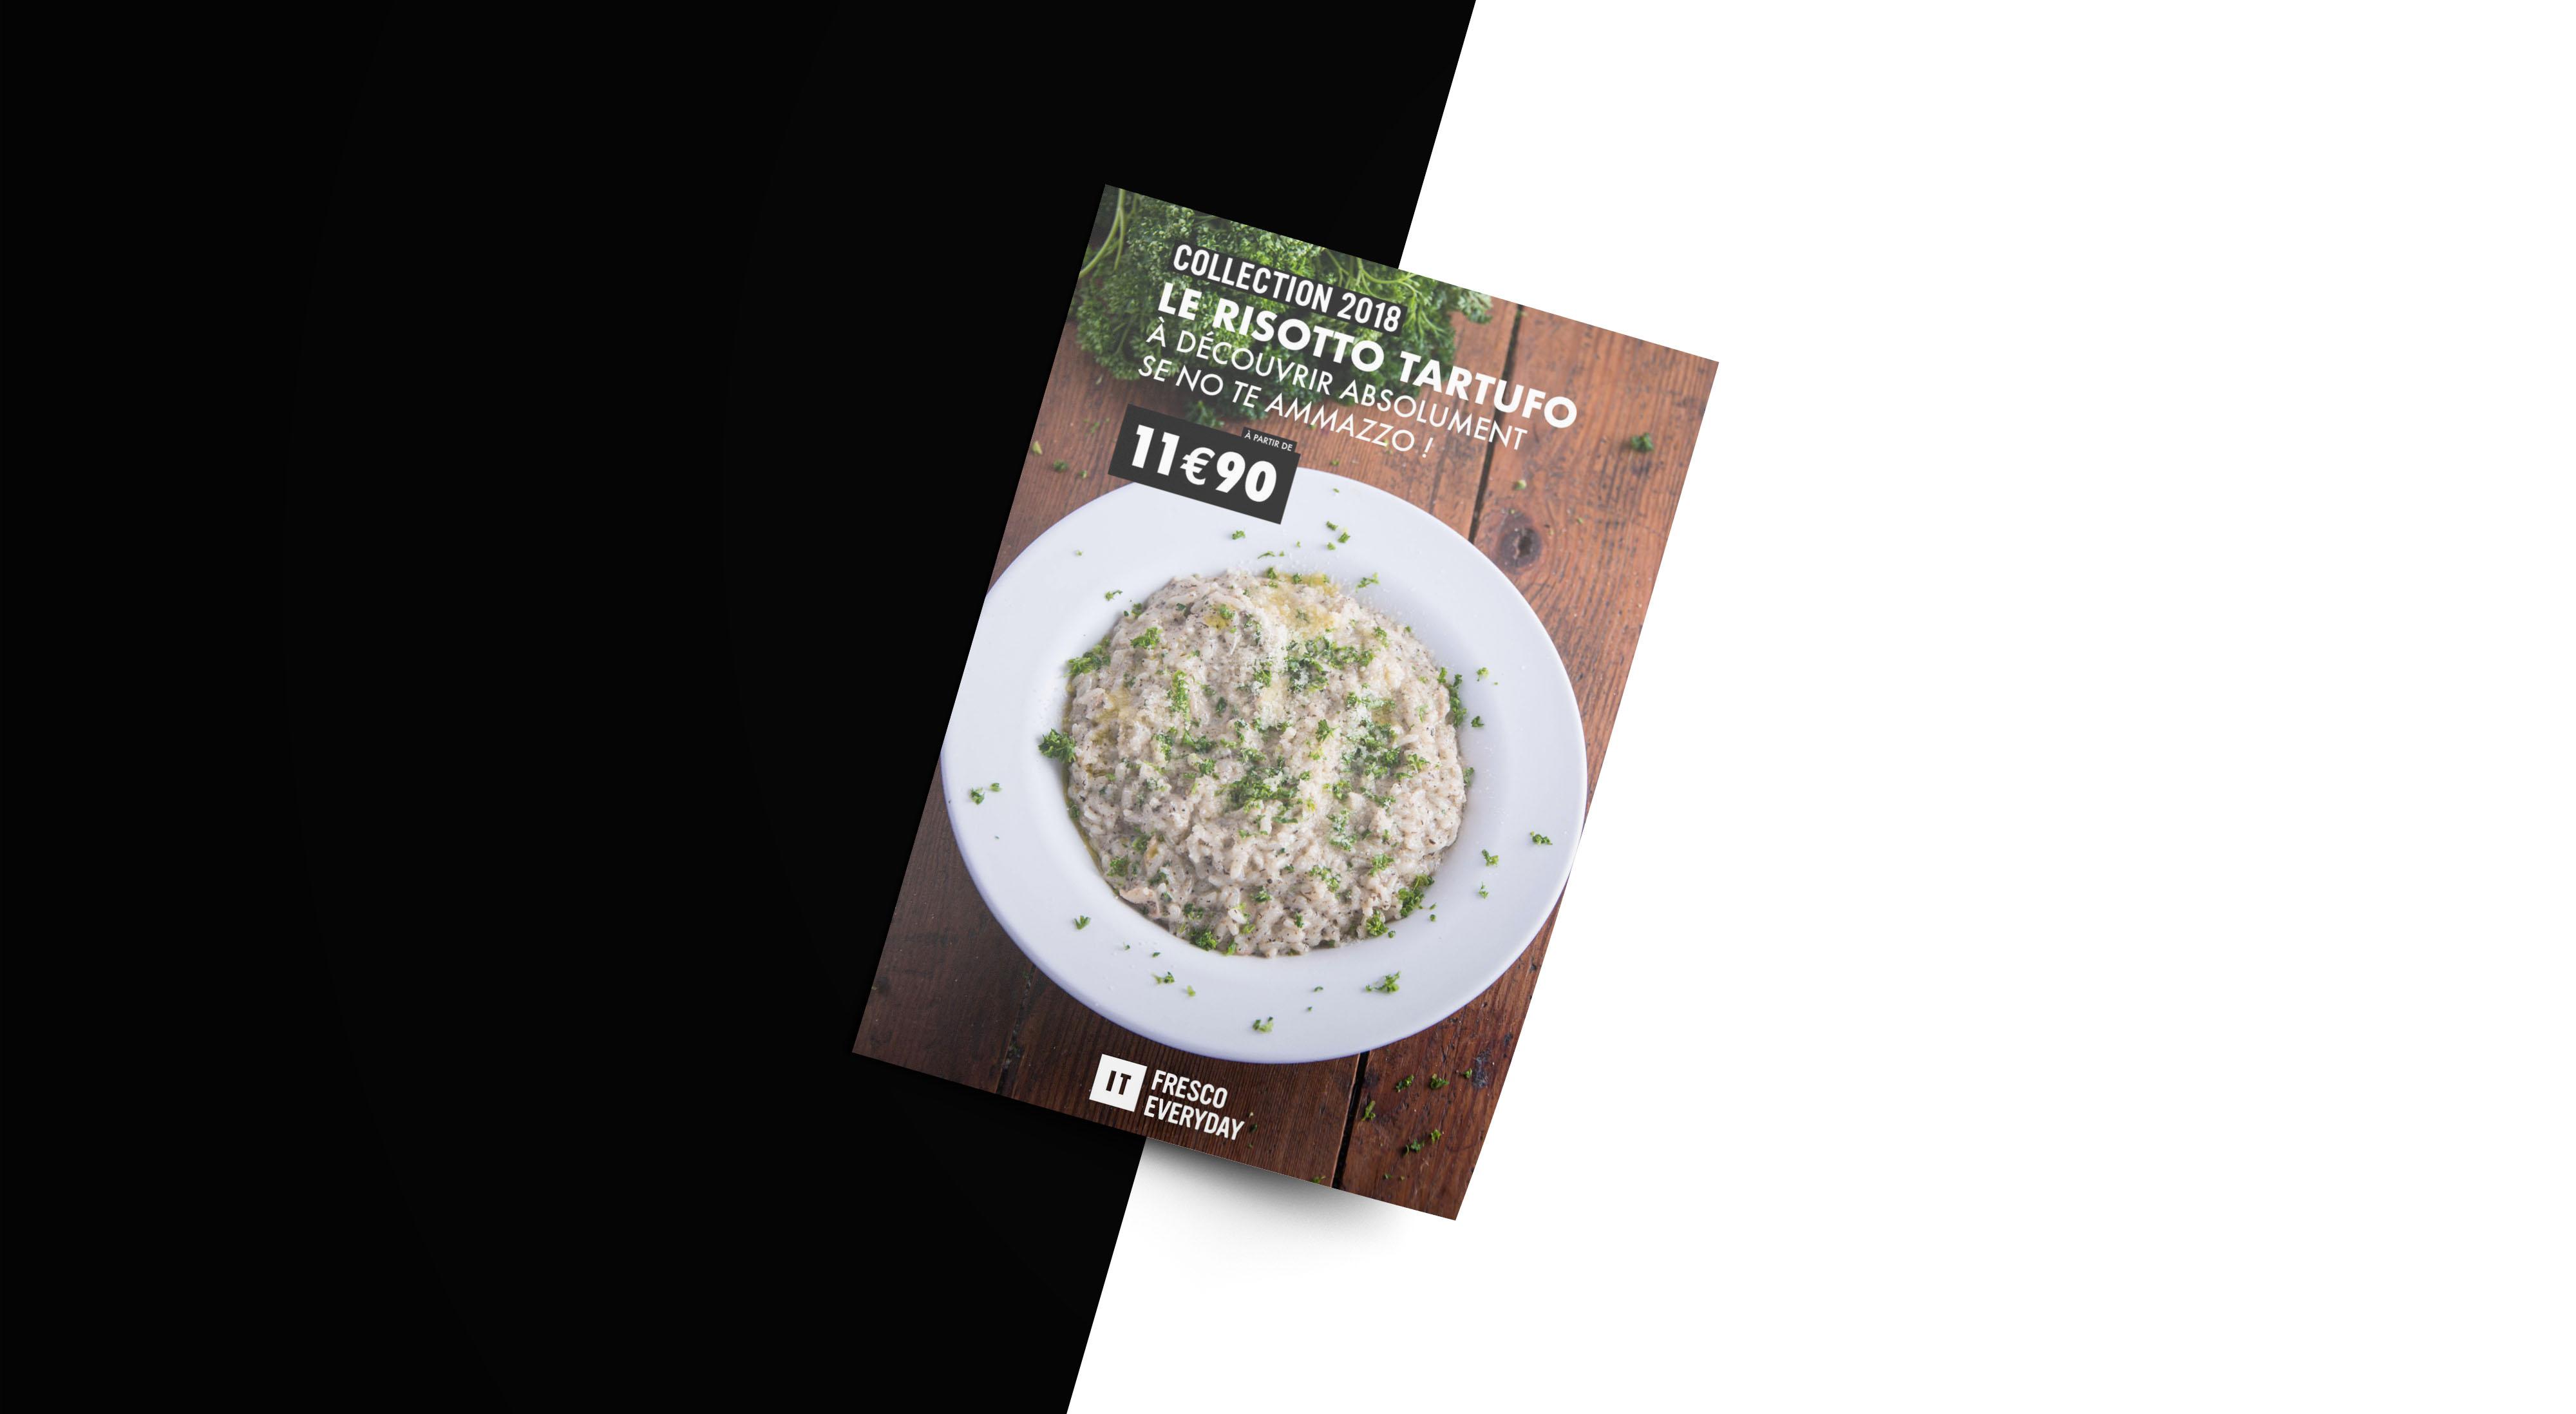 Nouvelle collection printemps des restaurants IT, restaurants italiens, photos : laurent Scavone